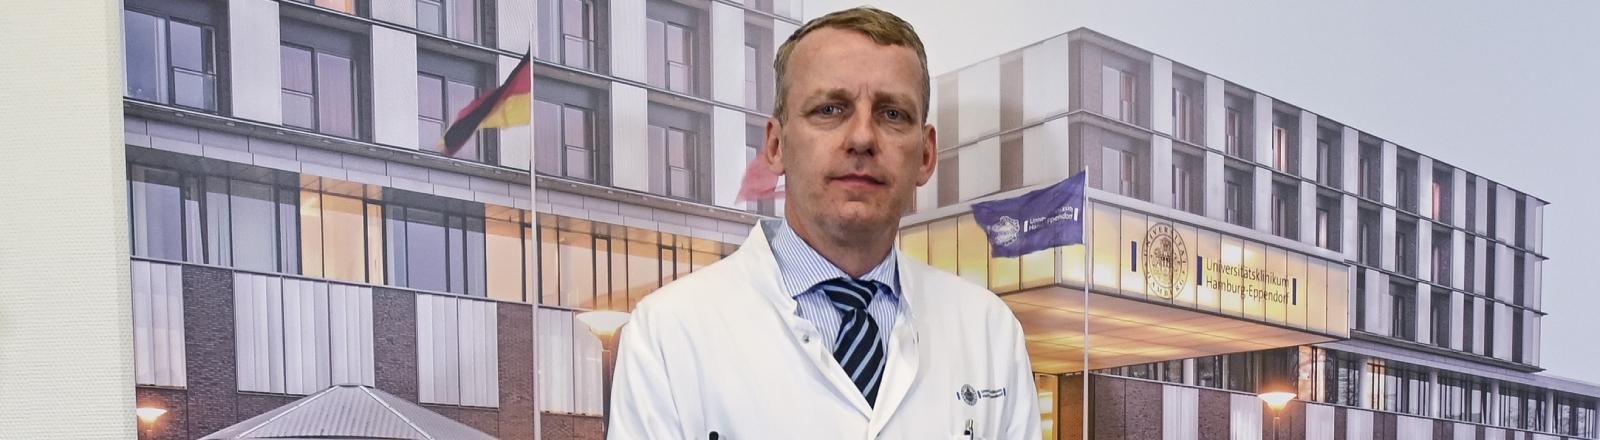 Stefan Kluge, leitet die Klinik für Intensivmedizin am Universitätsklinikum Eppendorf